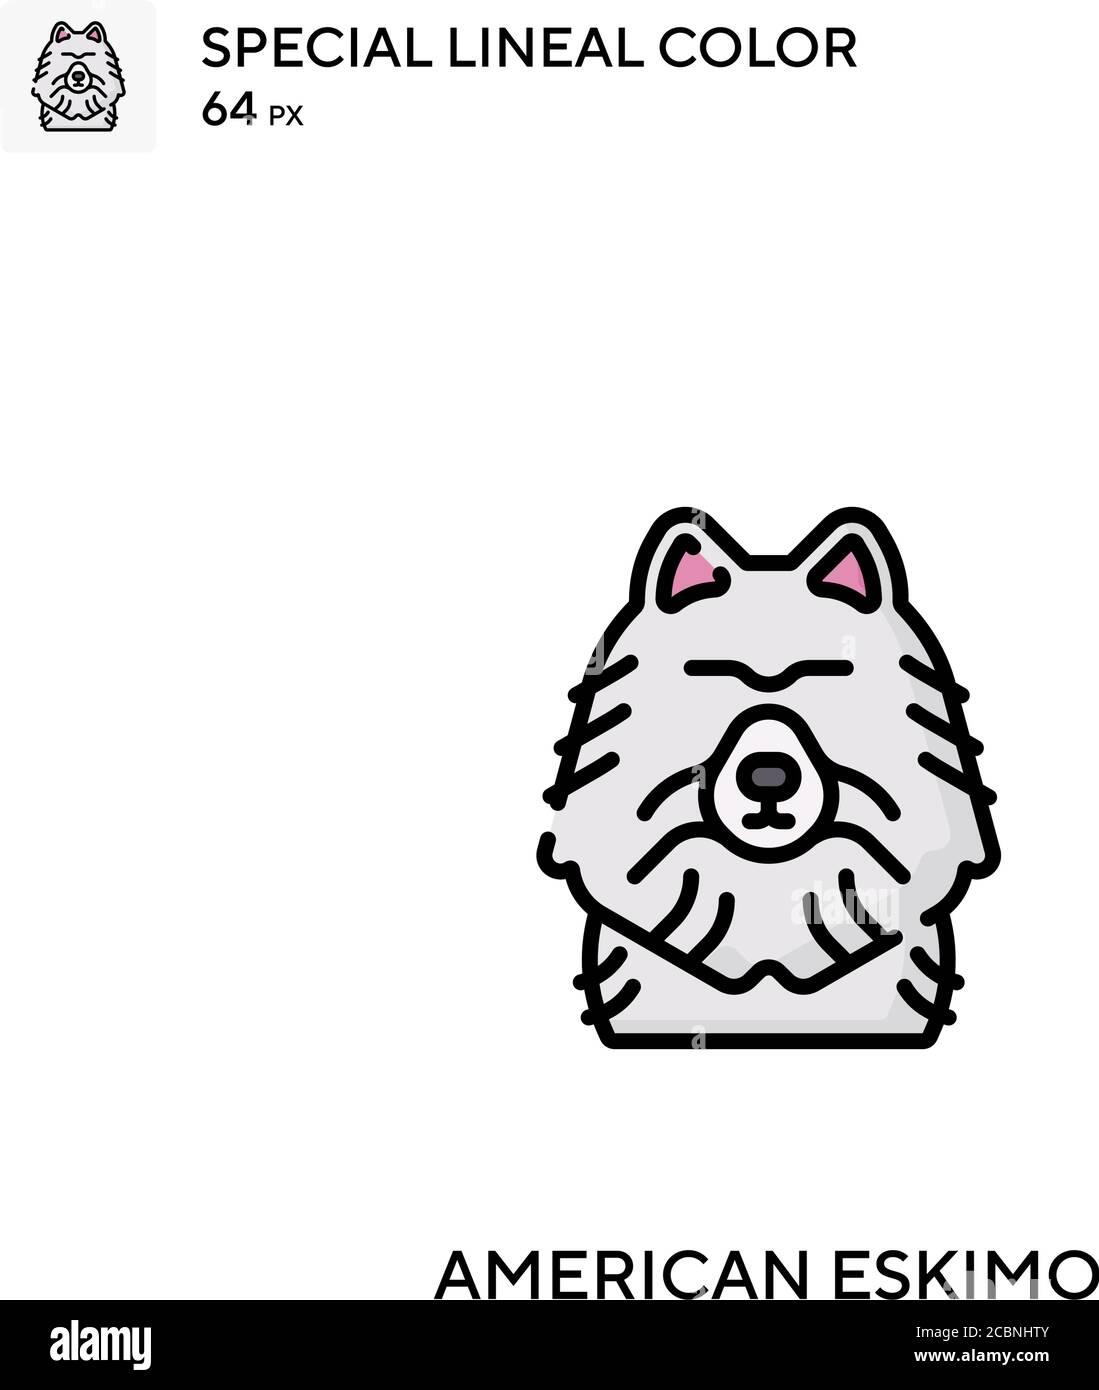 Icône de vecteur de couleur spécial eskimo américain. Icônes esquimaux américaines pour votre projet d'entreprise Illustration de Vecteur